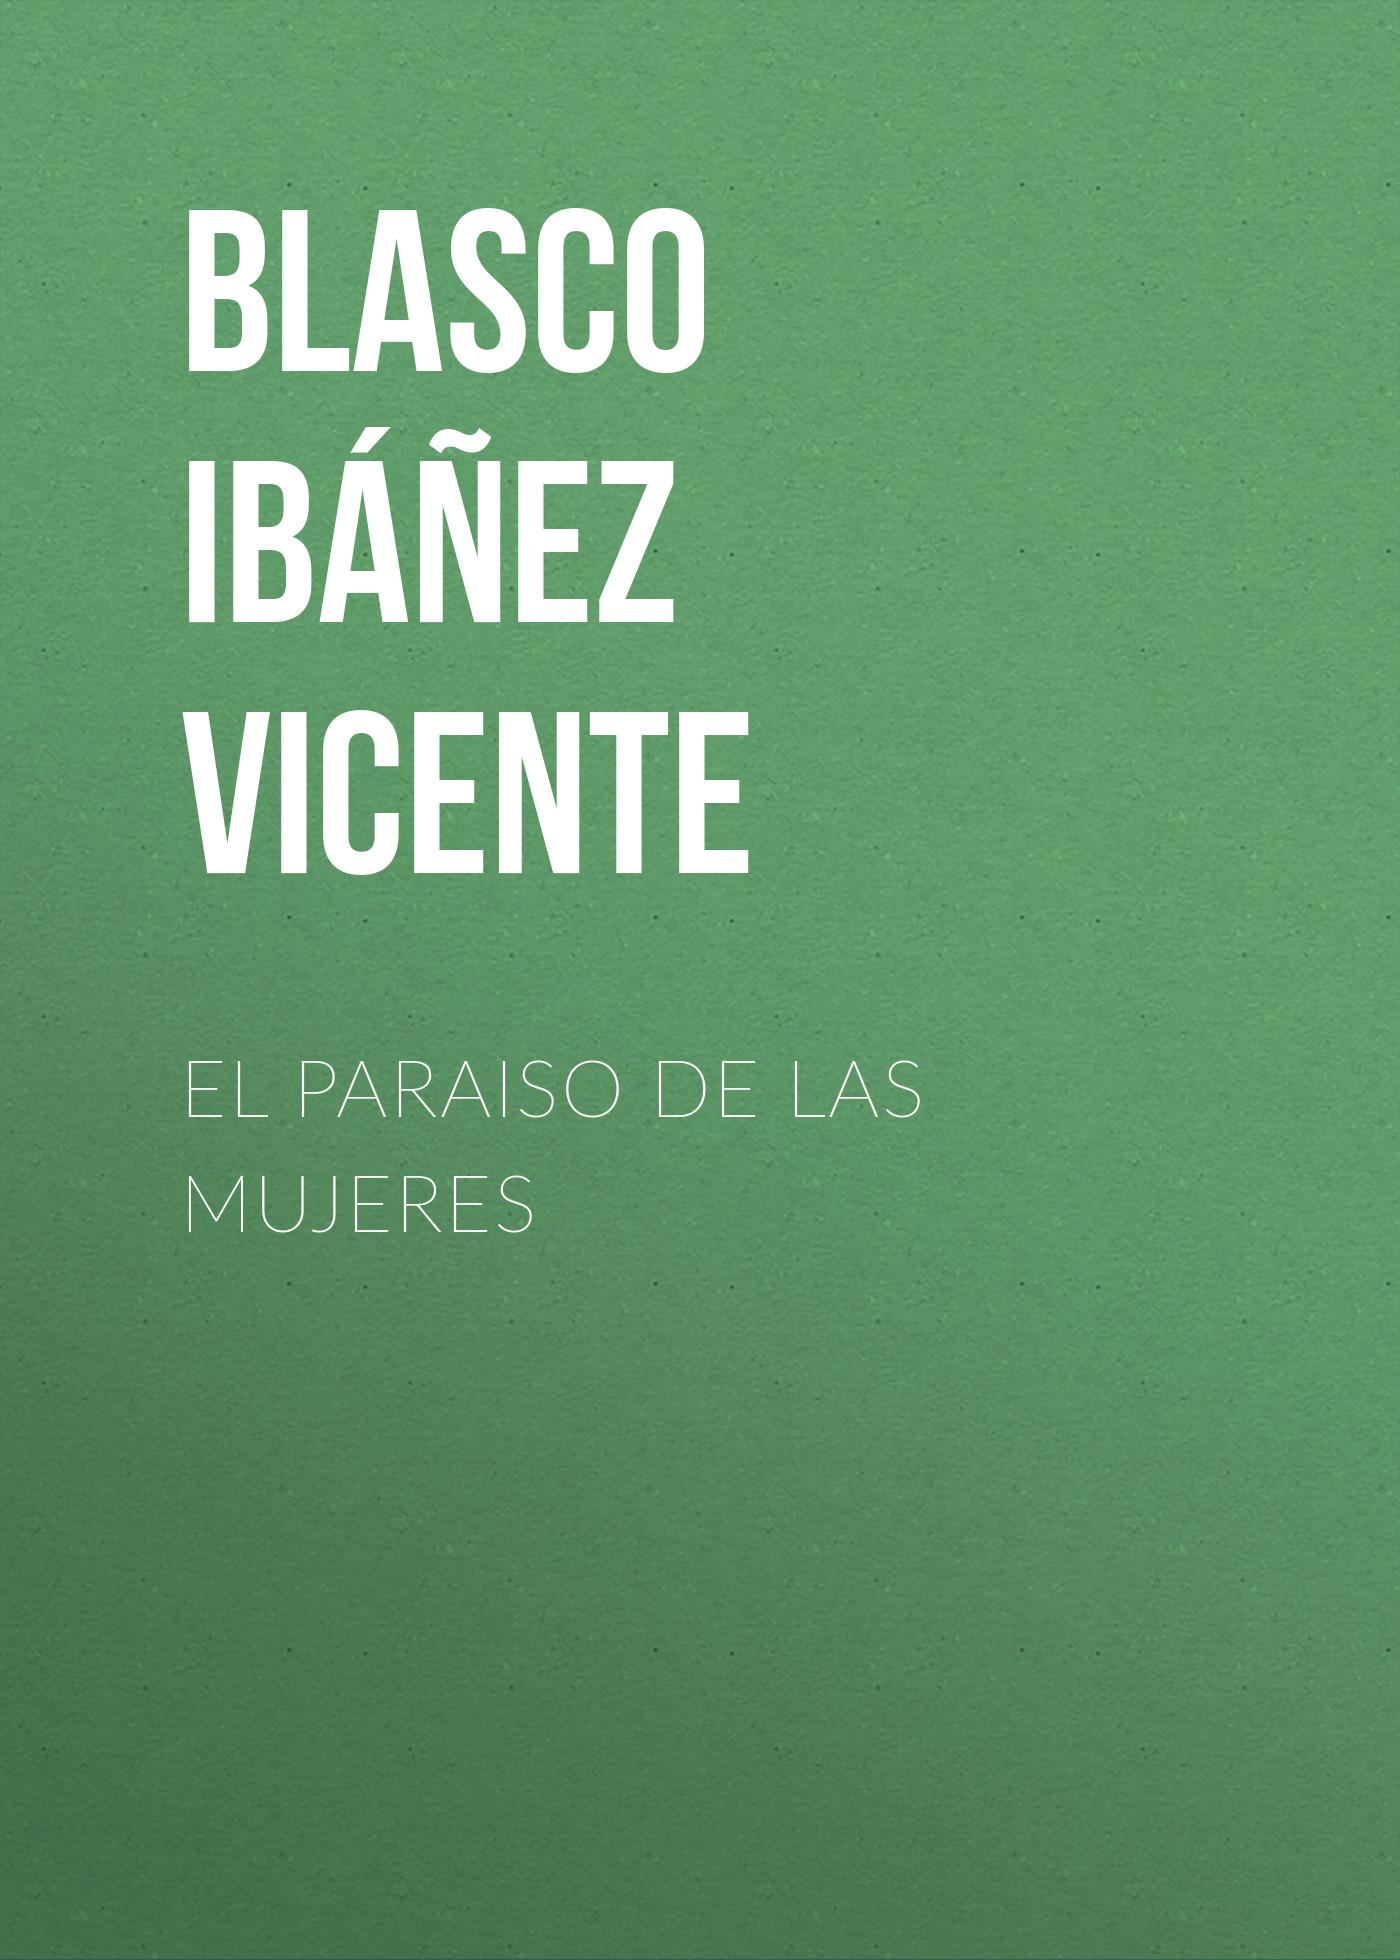 Blasco Ibáñez Vicente El paraiso de las mujeres